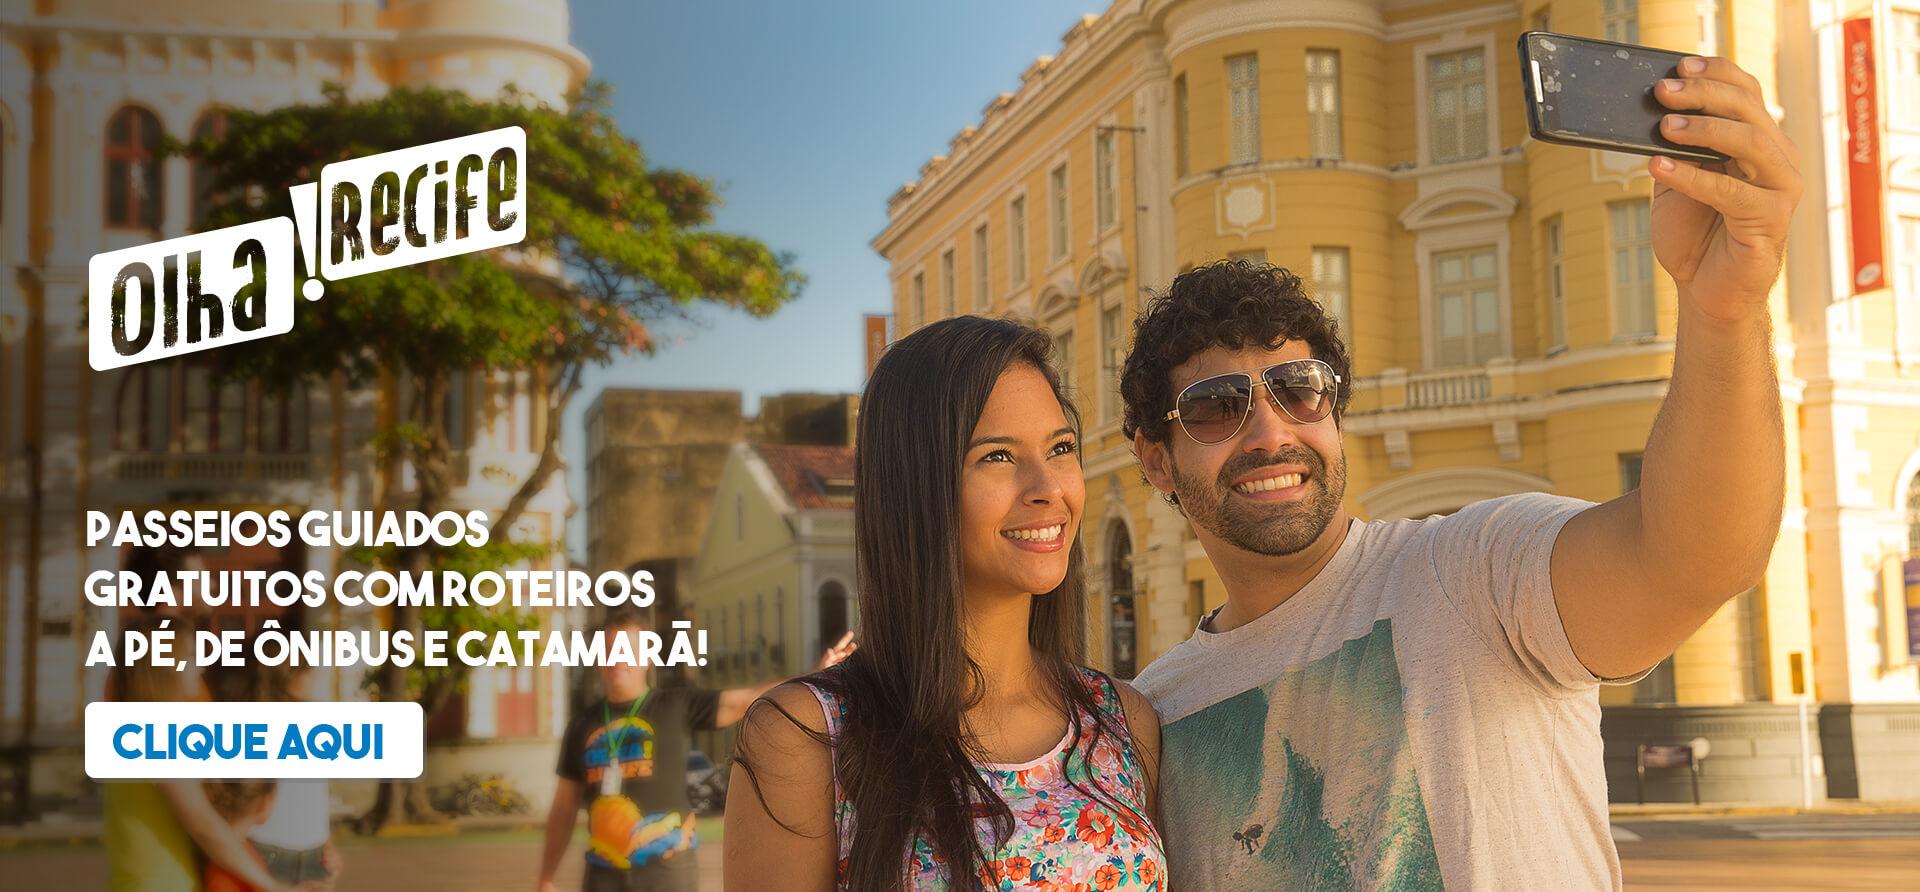 Olha Recife